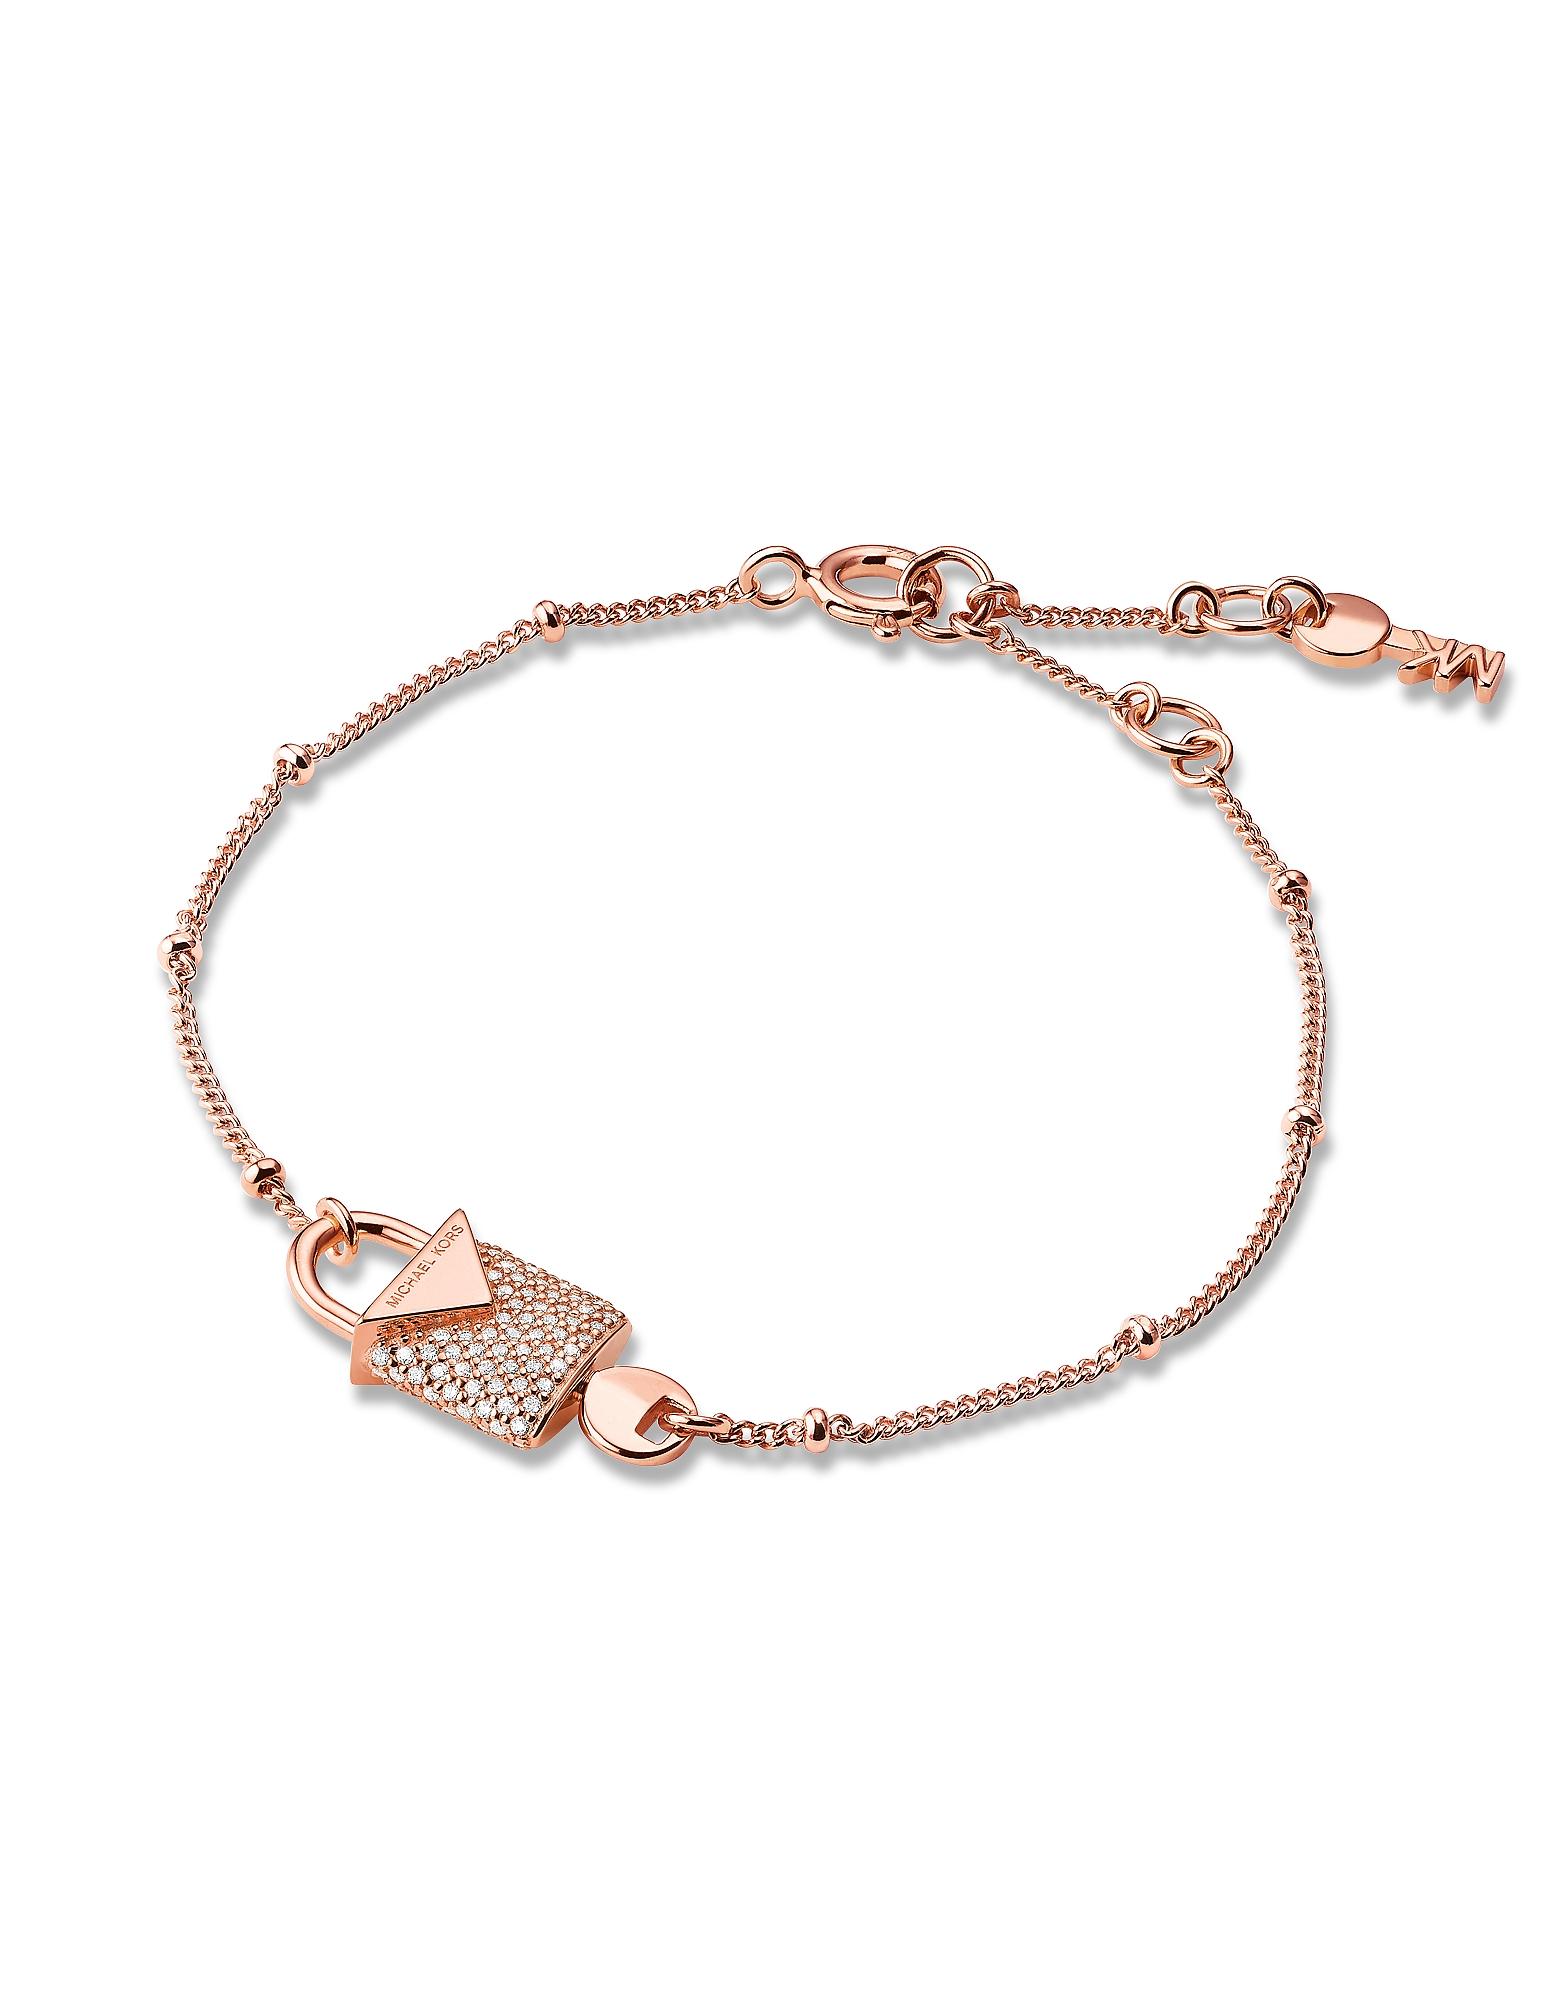 Kors Rose Gold Pavé Lock Women's Bracelet